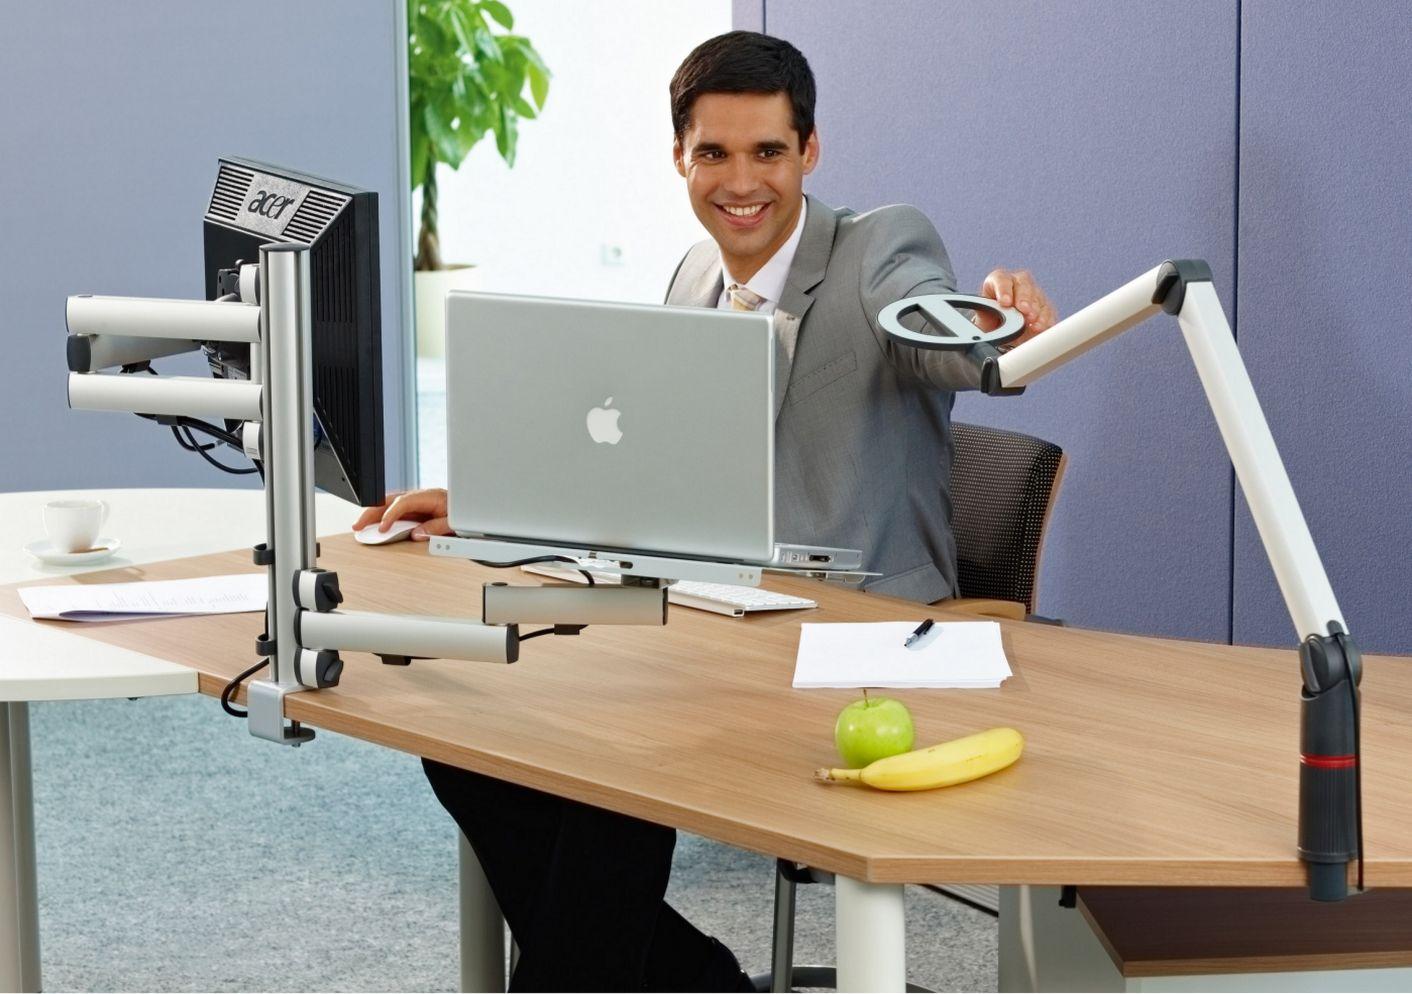 frei schwenkbare Schreibtischhalterung für Monitor und Notebook